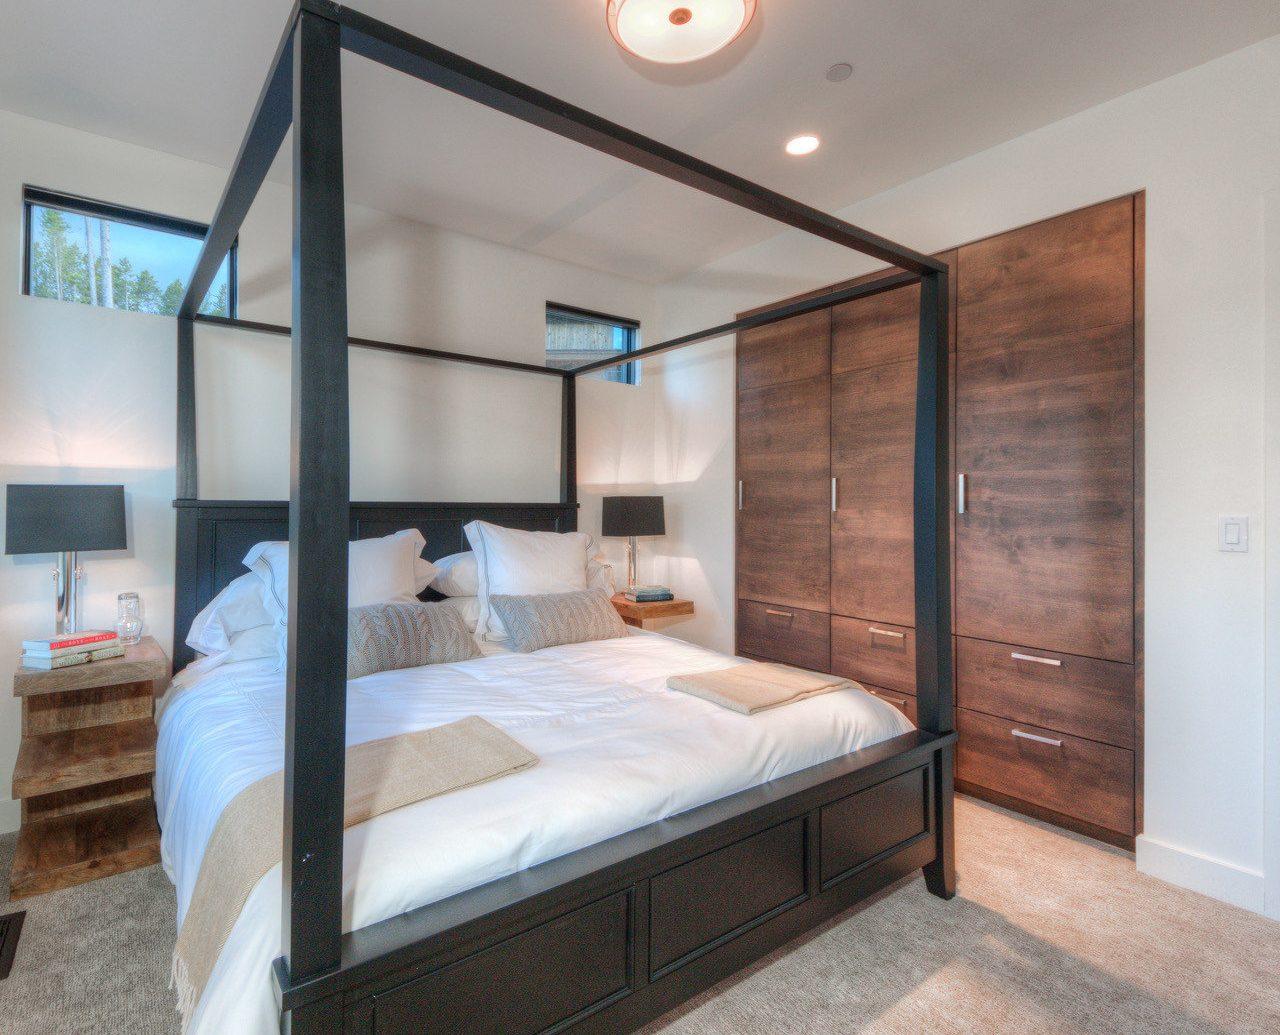 Hotels indoor wall floor bed Bedroom room property furniture real estate interior design estate bed frame Suite cottage